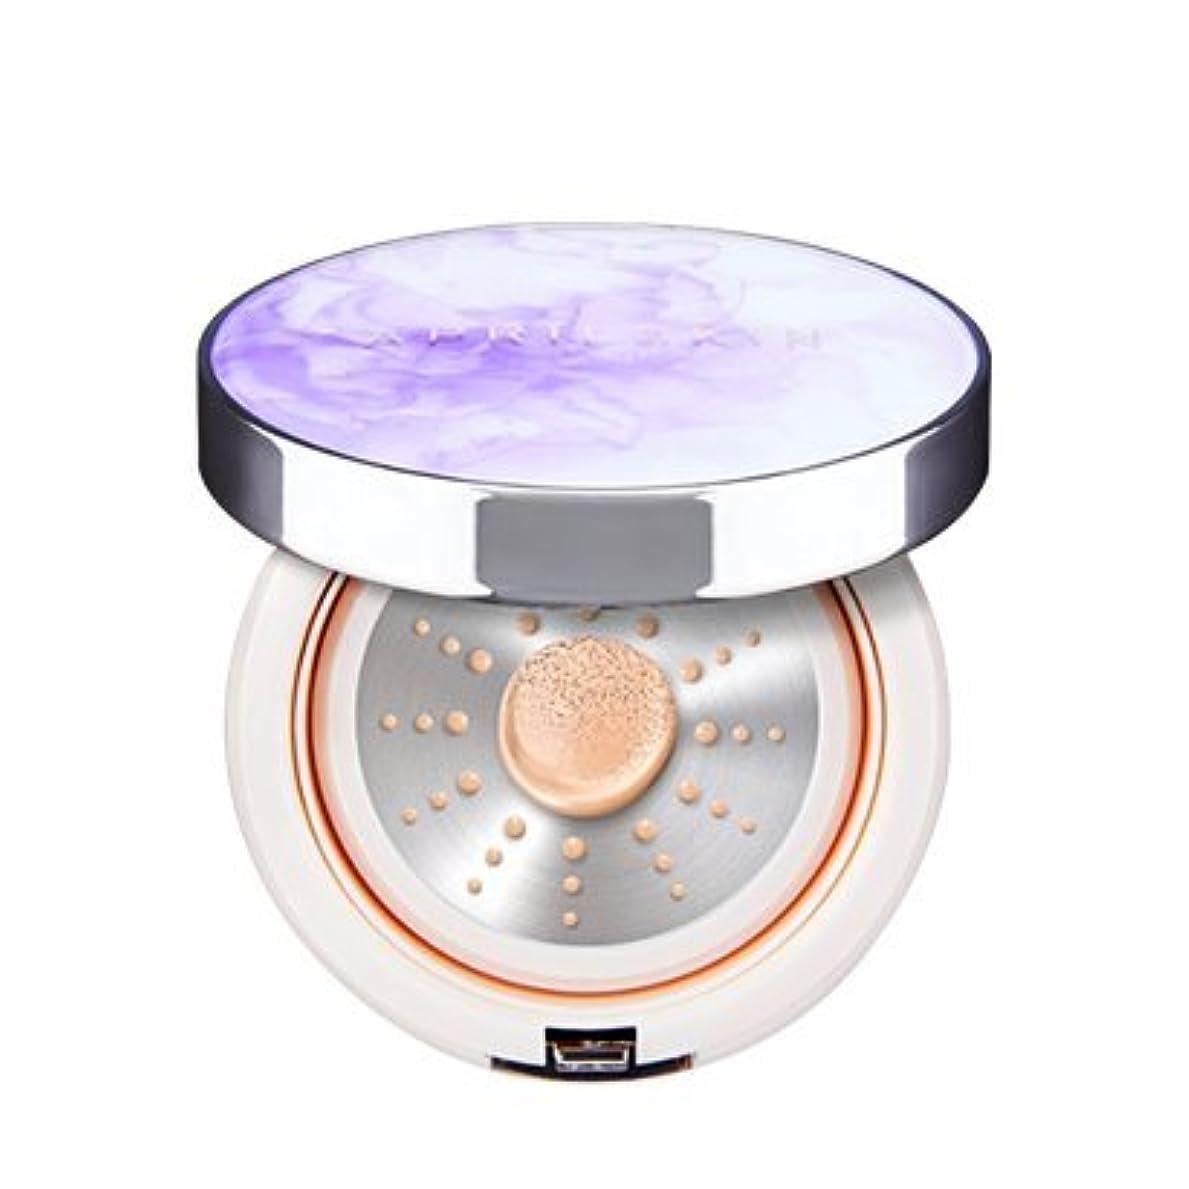 役割抜け目がない勝者[APRILSKIN] エイプリルスキン マジック エッセンス シャワー クッション 13g SPF 50+ PA++++ / APRILSKIN MAGIC ESSENCE SHOWER CUSHION [並行輸入品] (21号 ライトベージュ)